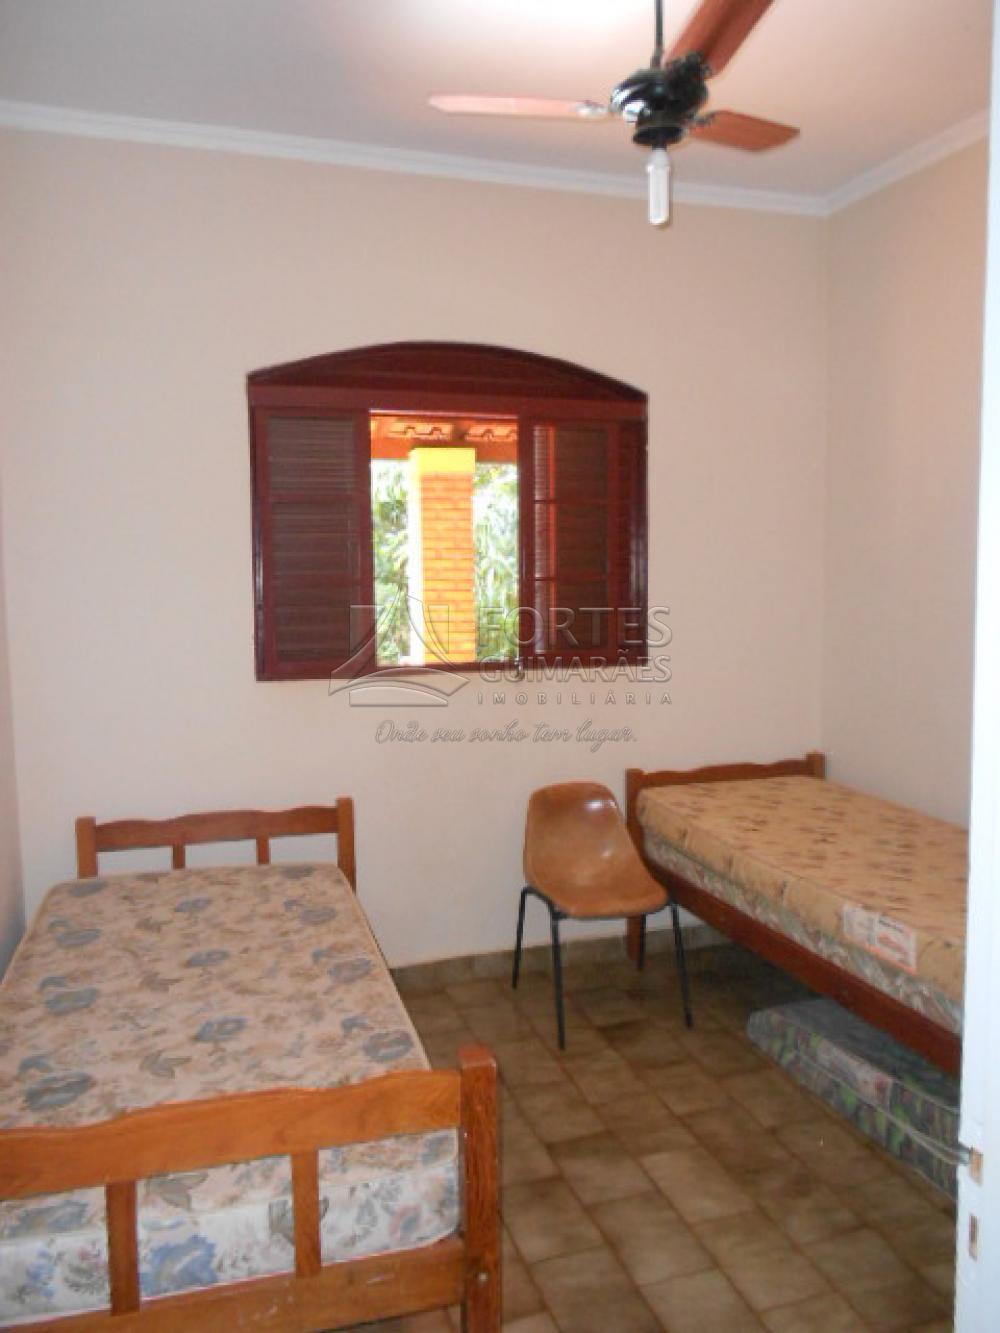 Alugar Casas / Condomínio em Jardinópolis apenas R$ 2.500,00 - Foto 15